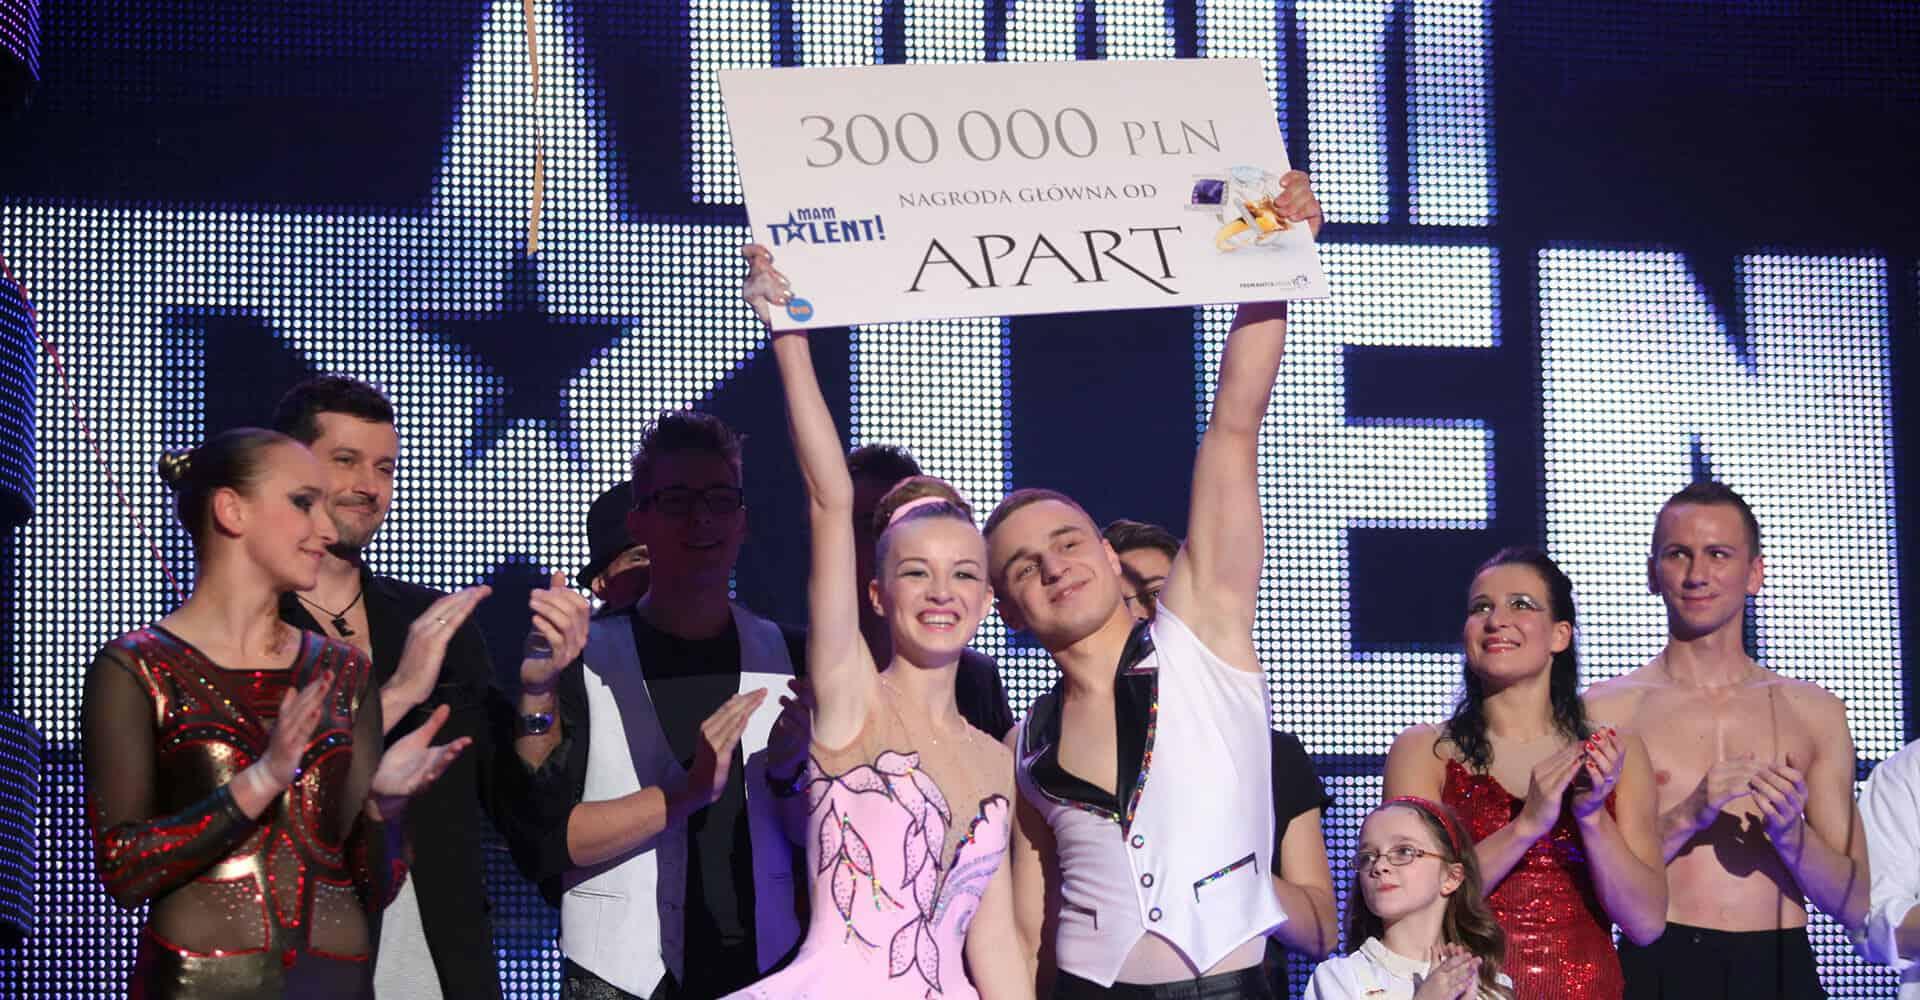 Delfina i Bartek odbierają nagrodę za wygrany mam talent pokaz akrobatyki